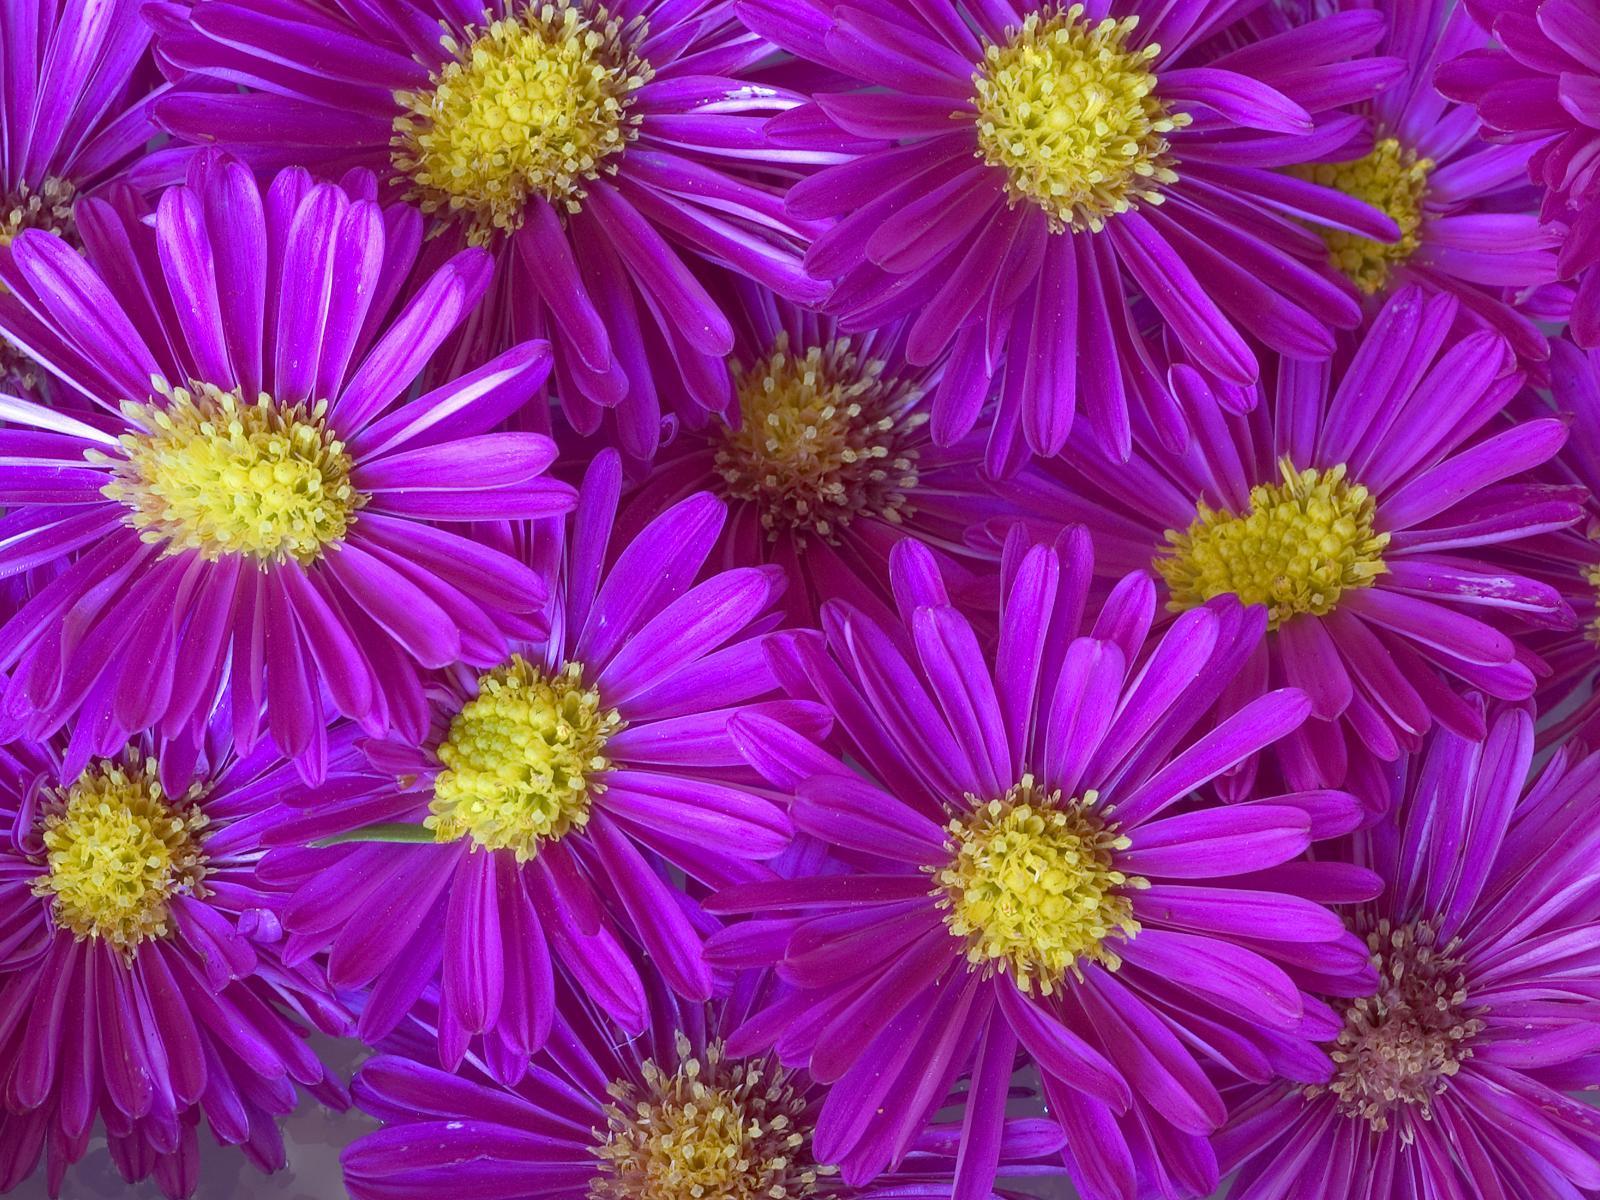 13172 скачать обои Растения, Цветы, Фон - заставки и картинки бесплатно